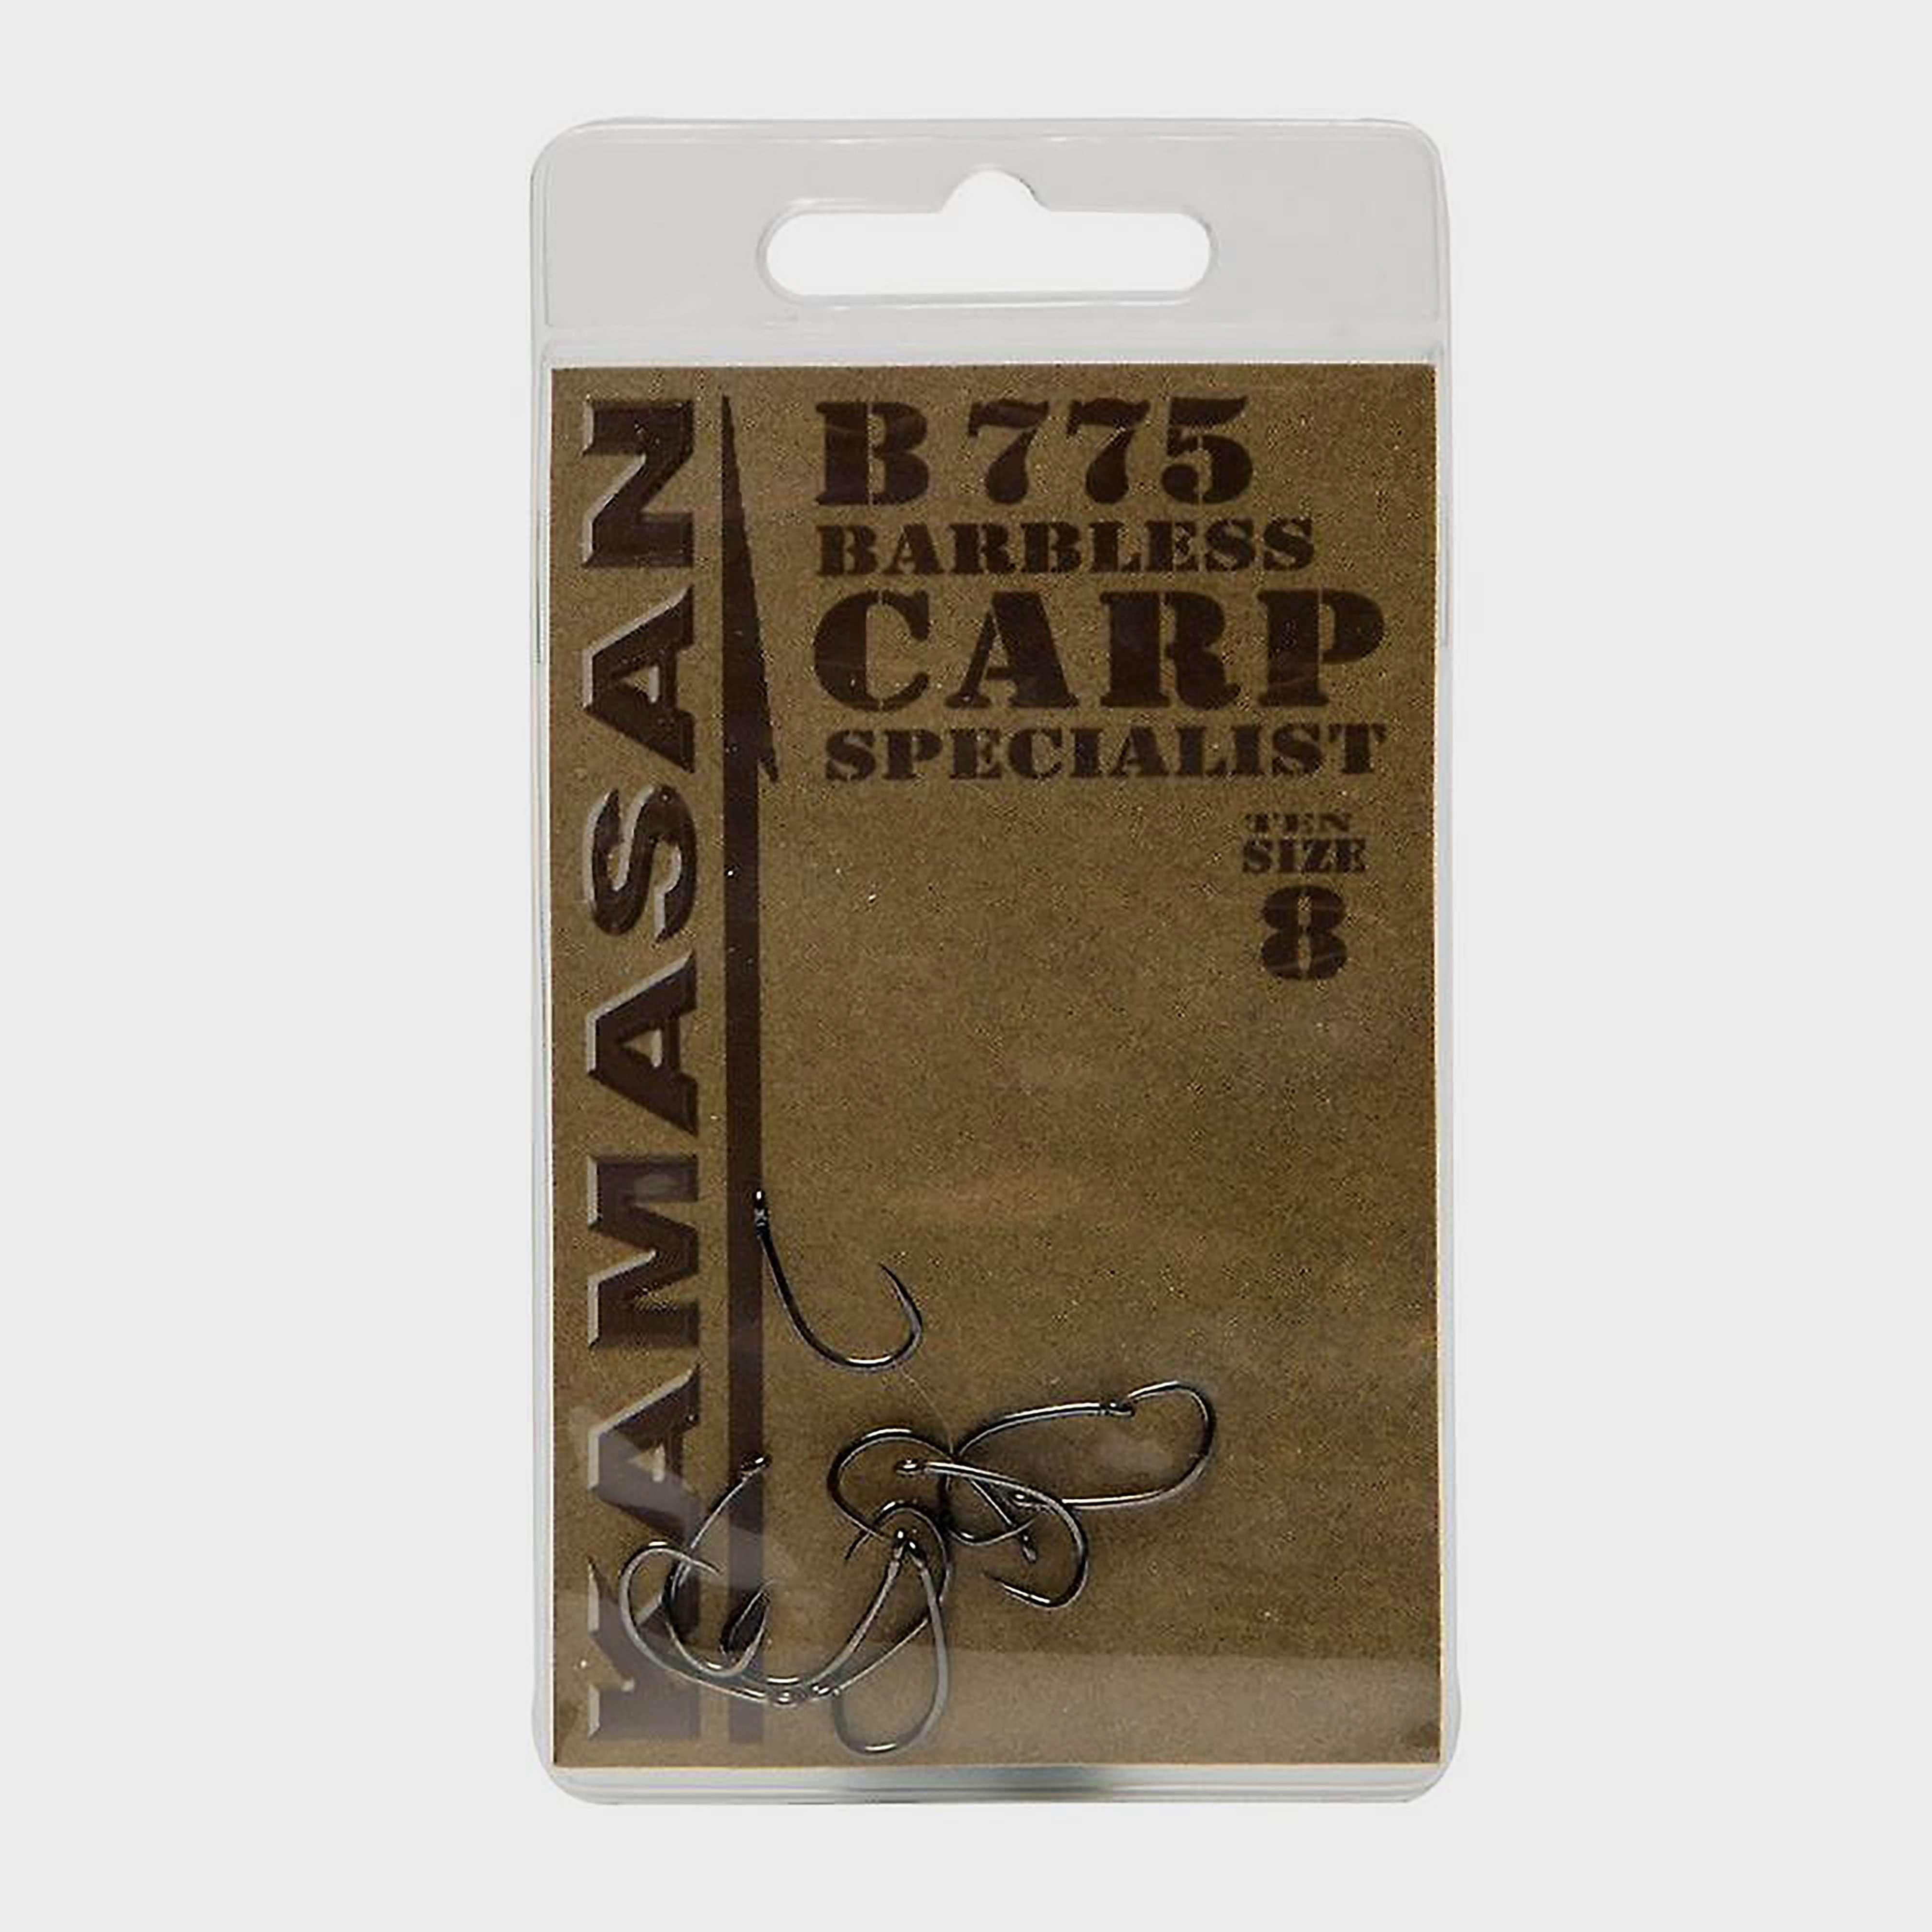 KAMASAN B775 Carp Fishing Hooks - Size 7